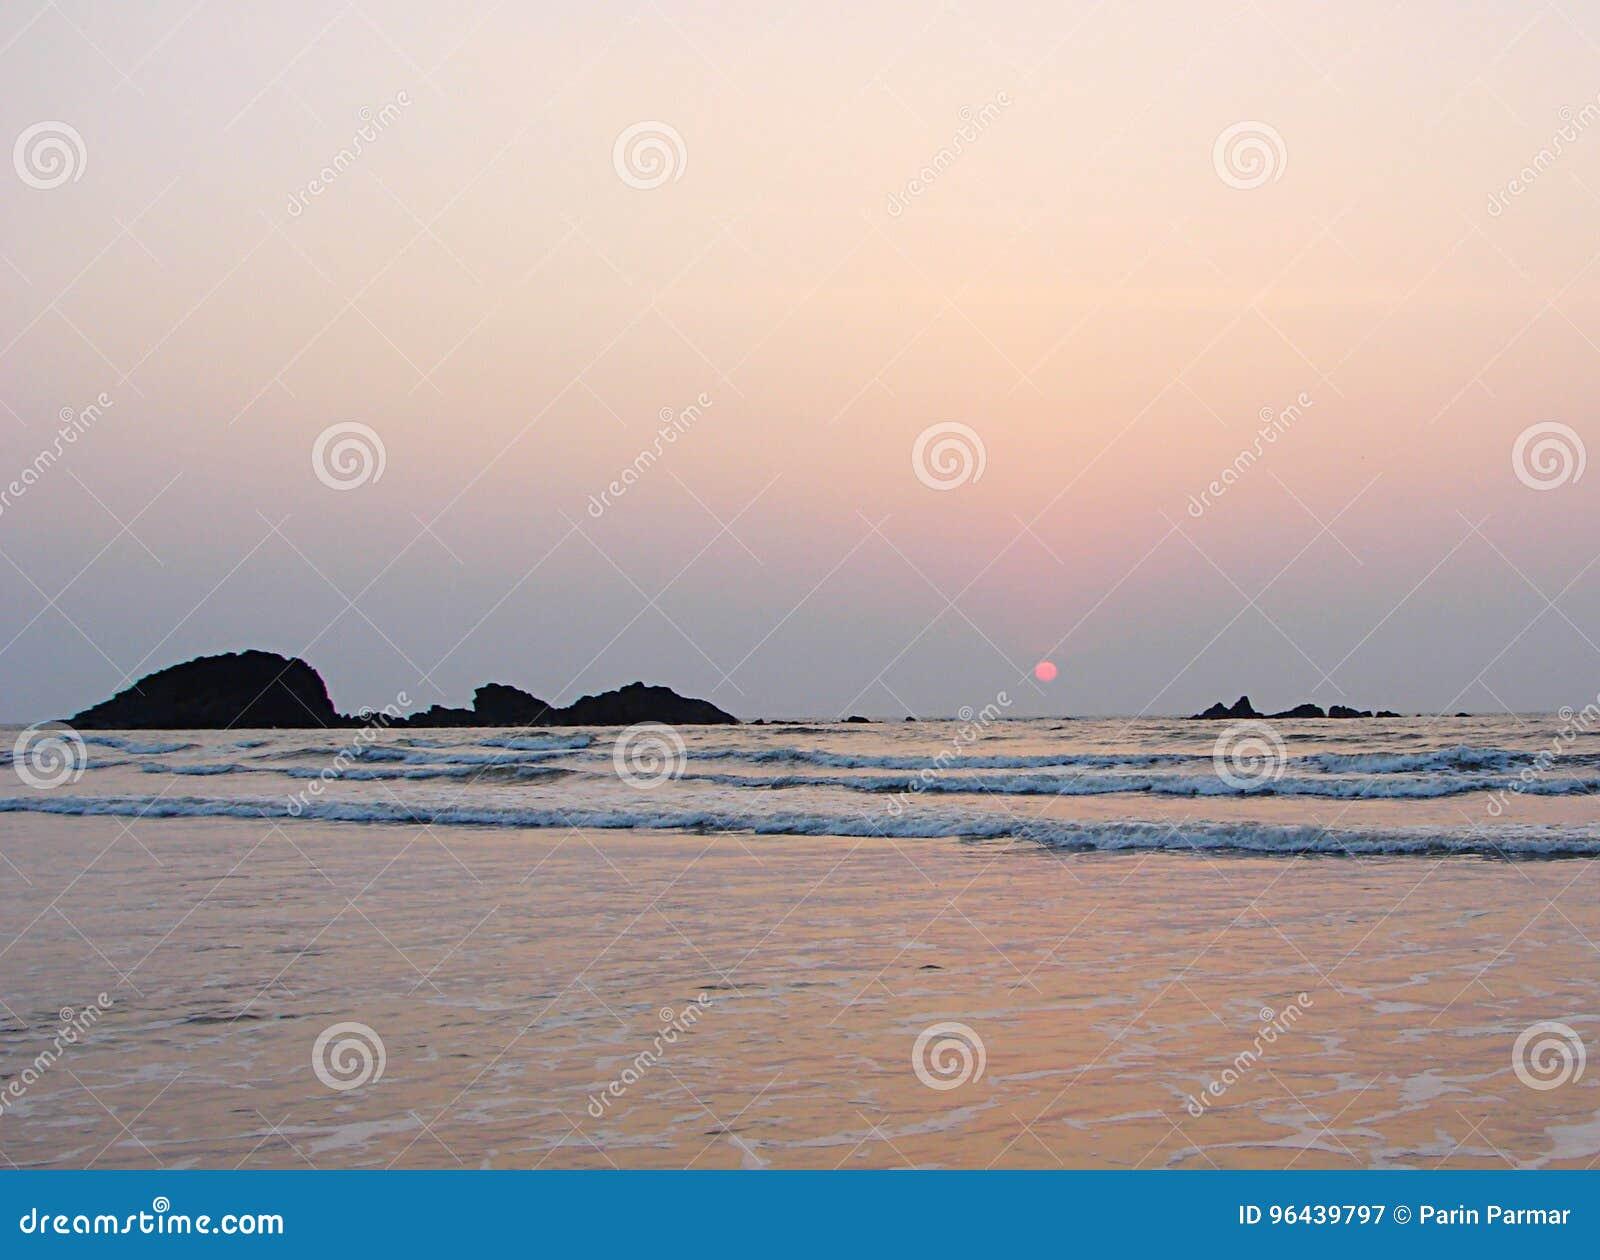 Rote Sun-Einstellung am Horizont über Meer am Muzhappilangad-Autokino-Strand, Kannur, Karala, Indien - natürlicher Hintergrund